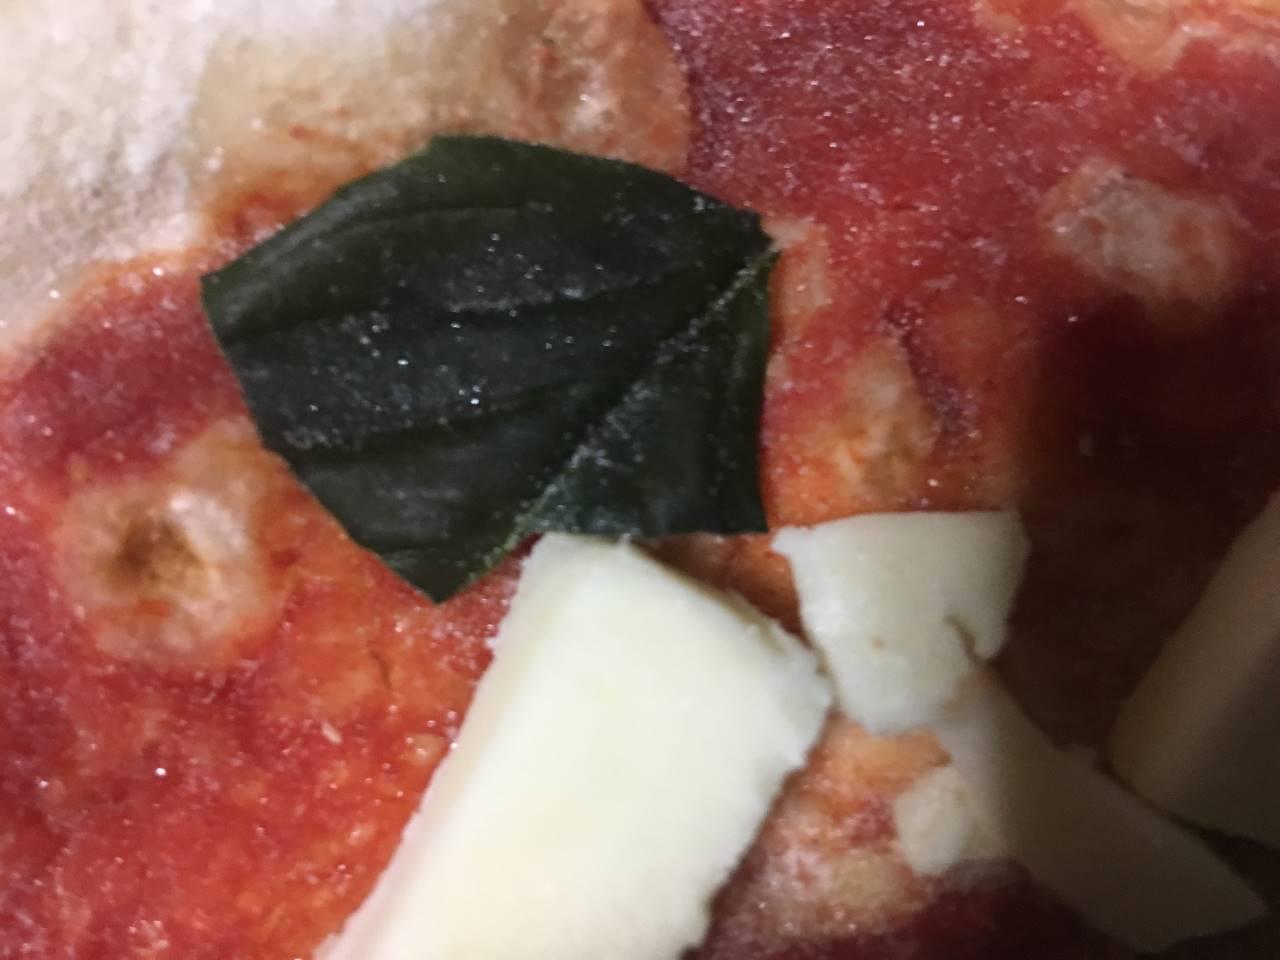 マルゲリータヴォーノのチーズは小さいが分厚いのと葉っぱの種類は不明